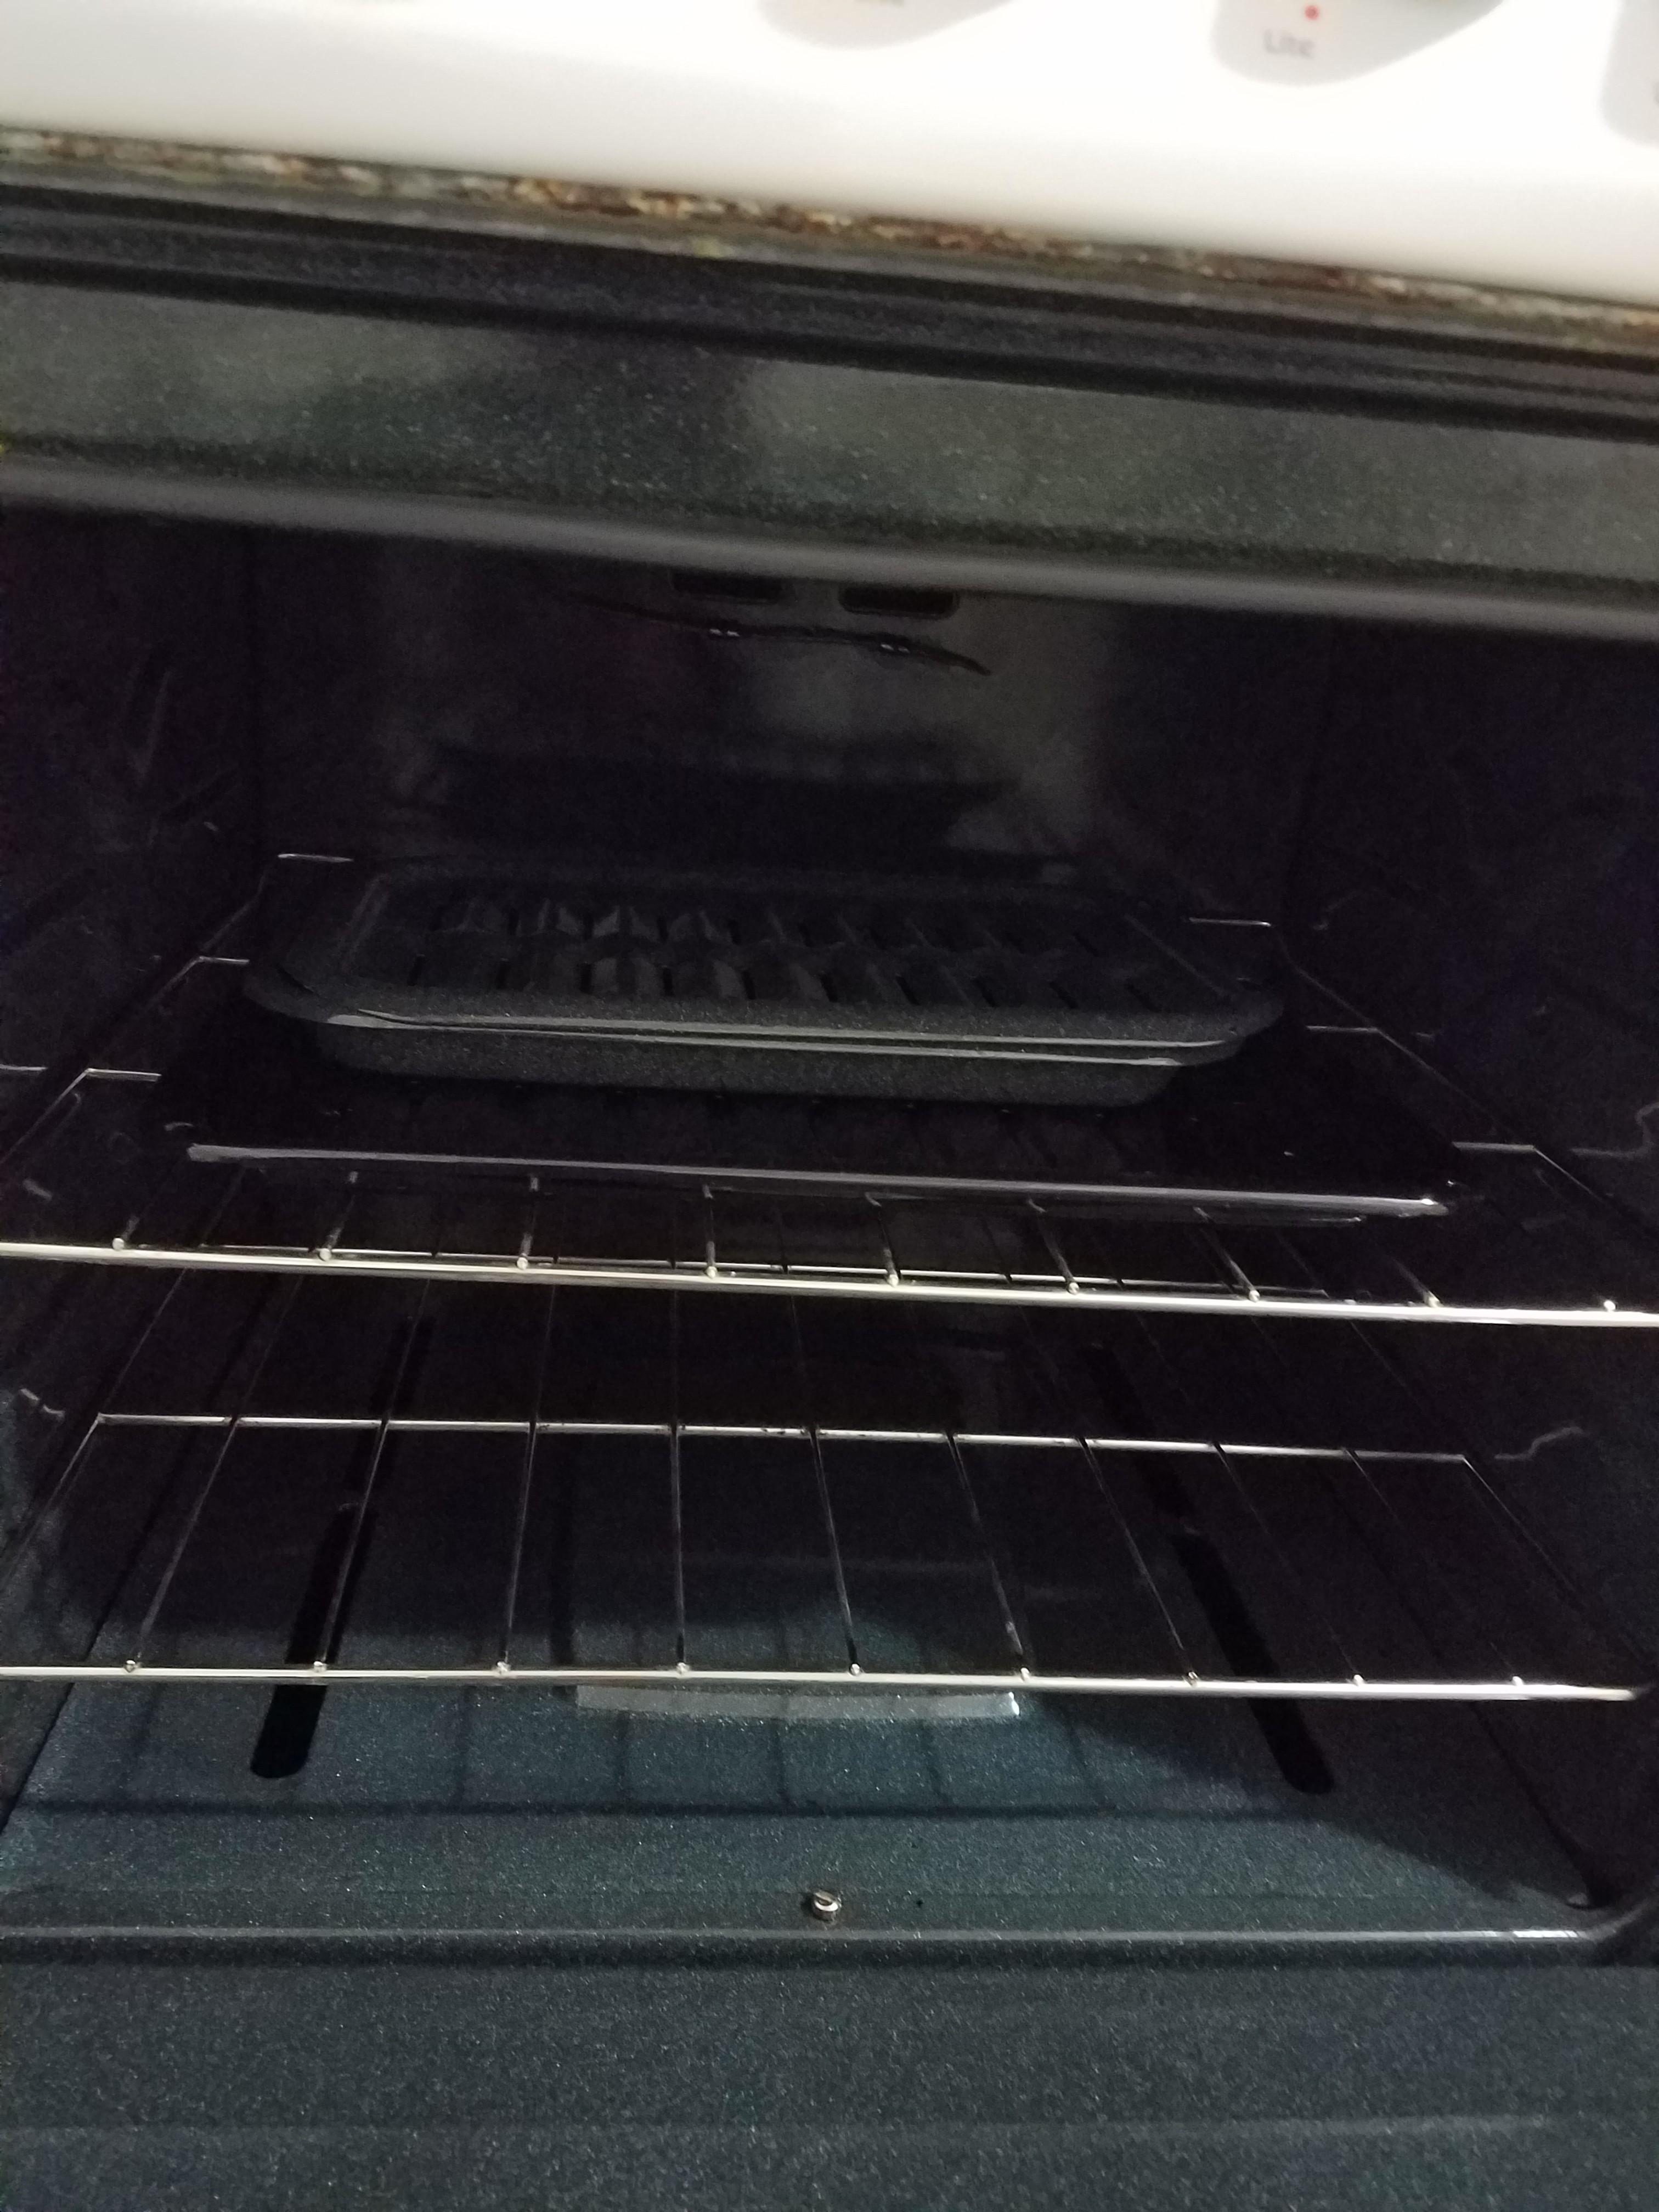 Inside oven (After).jpg